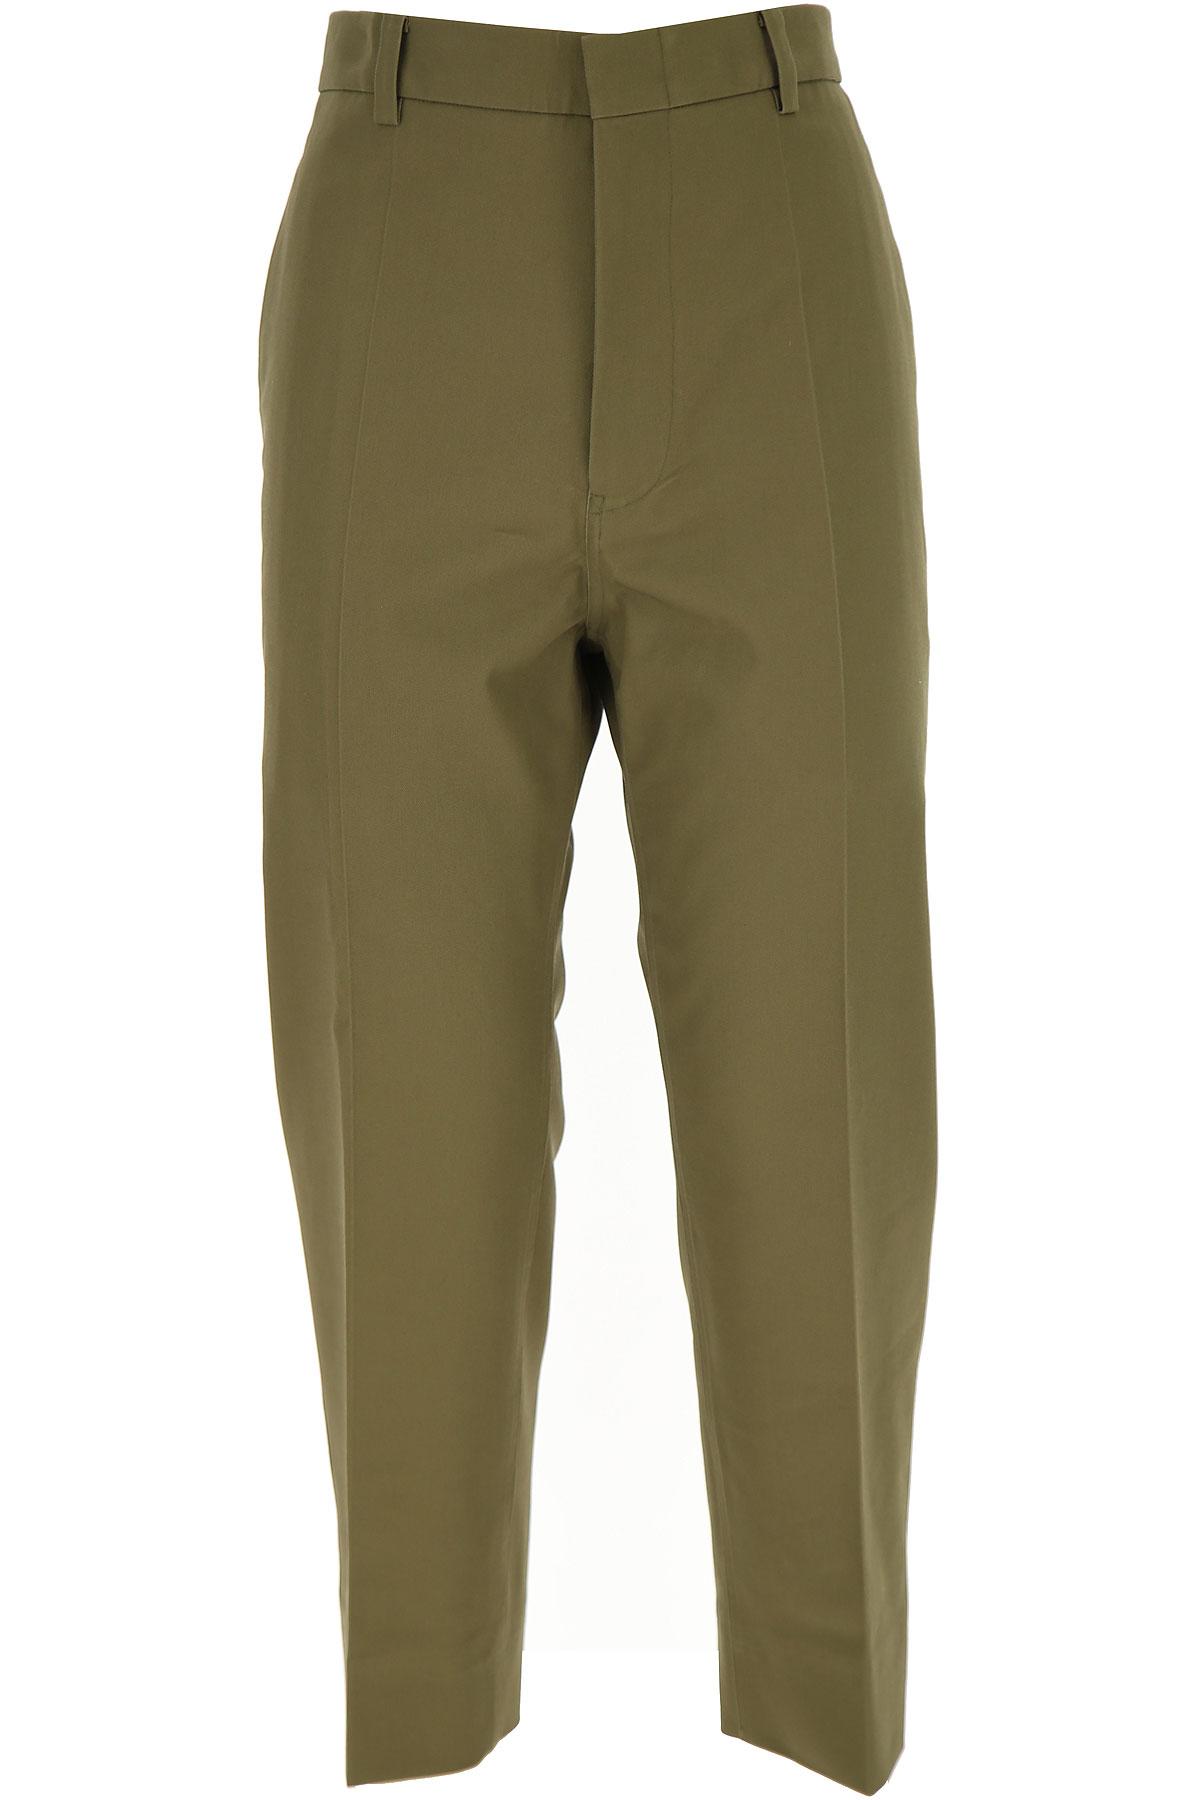 Sofie dHoore Pants for Women On Sale, Kaki, Cotton, 2019, FR 36 • IT 40 FR 38 • IT 42